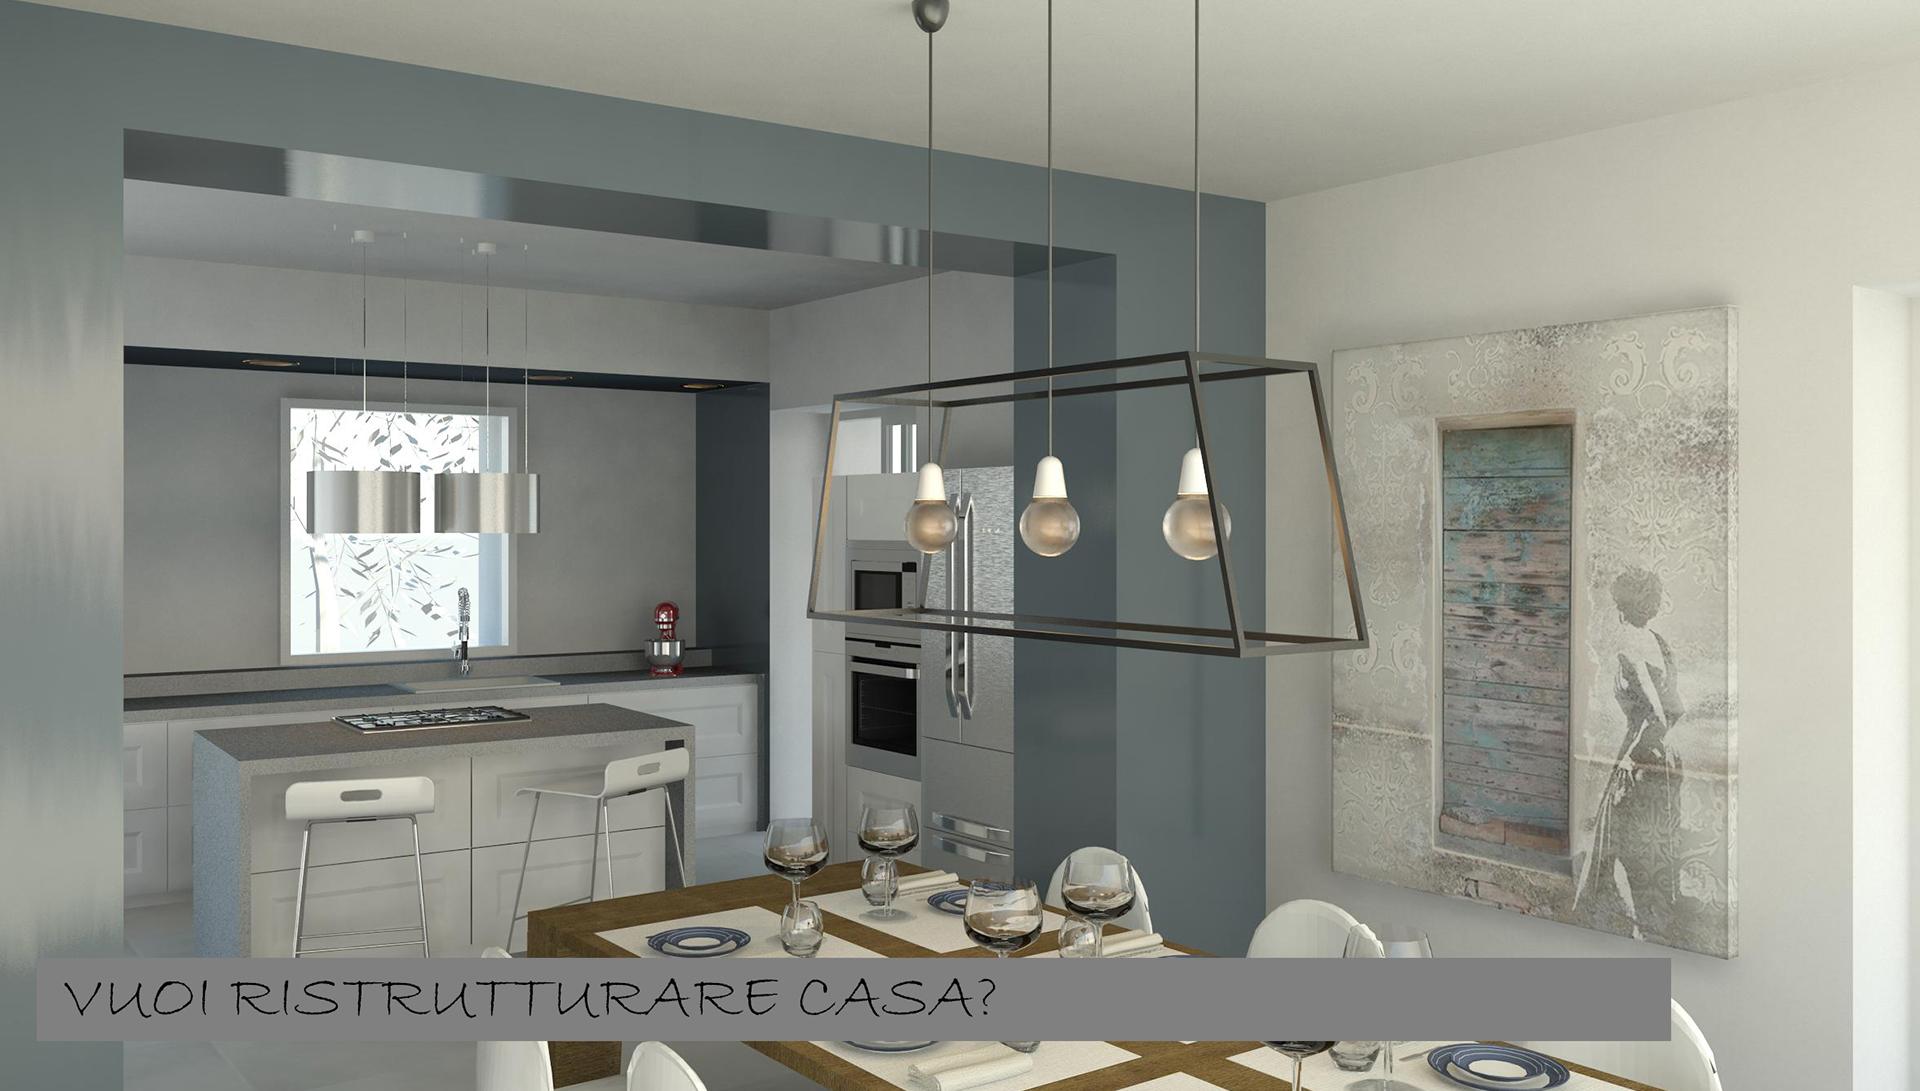 La migliore Ristrutturare Interni Casa Idee e immagini di ispirazione  ezsrc.com Trova immagini ...